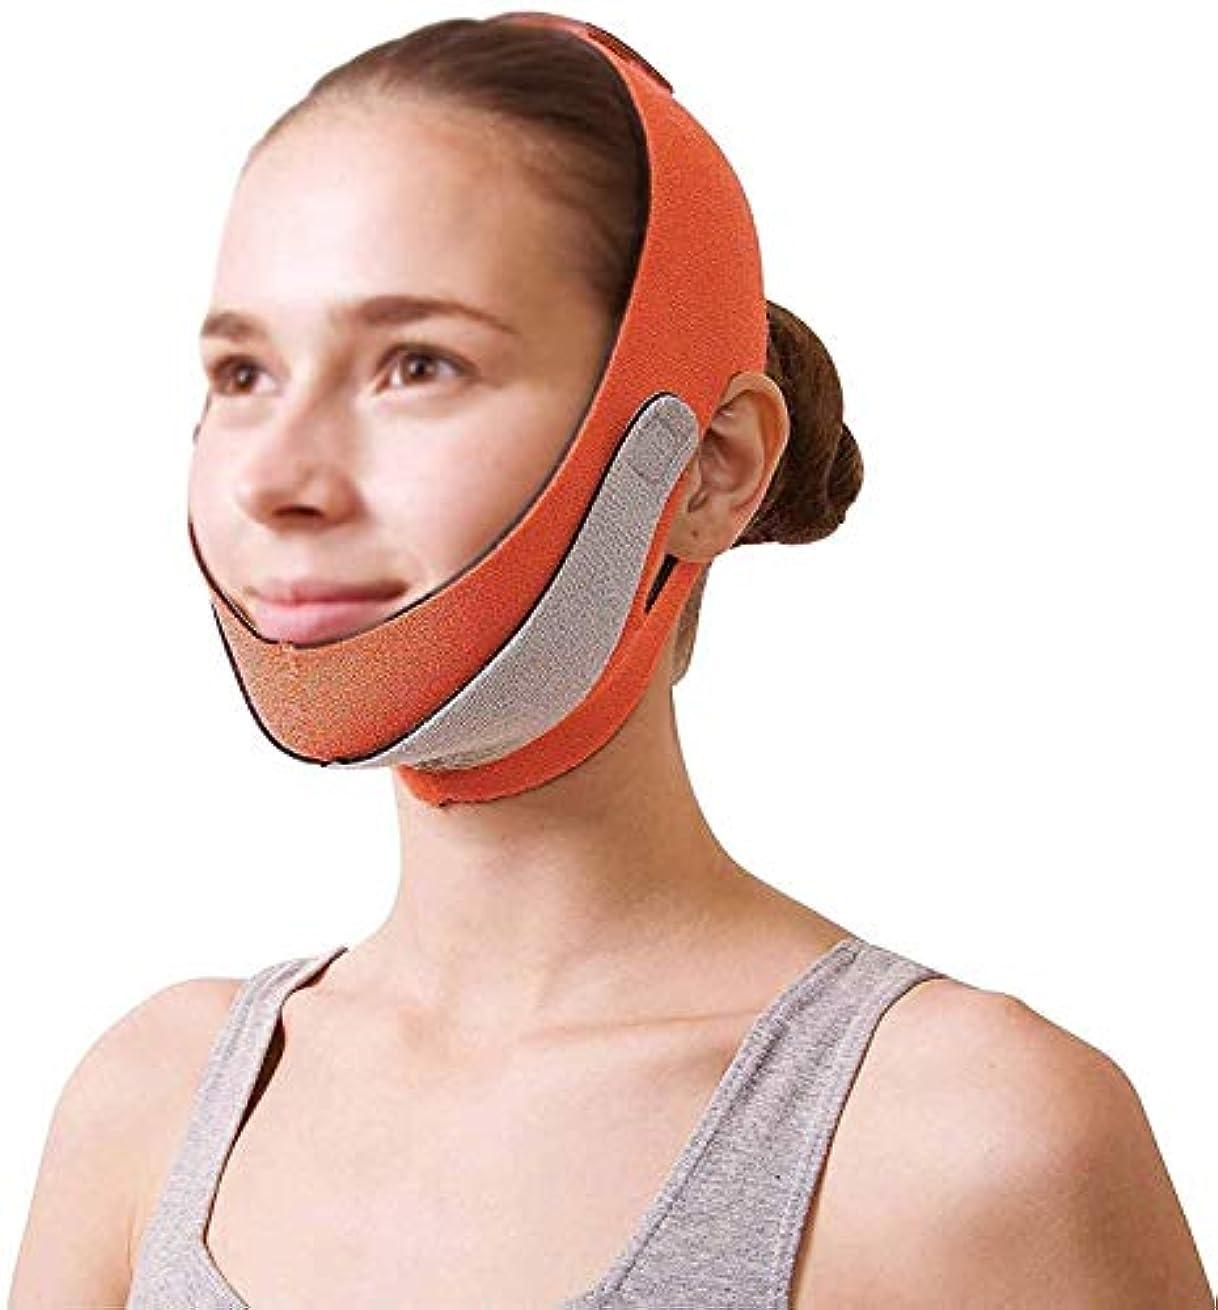 レンド軽レンダー美容と実用的なフェイスリフトマスク、あごストラップ回復ポスト包帯ヘッドギアフェイスマスク顔薄いフェイスマスクアーティファクト美容顔と首リフトオレンジマスク